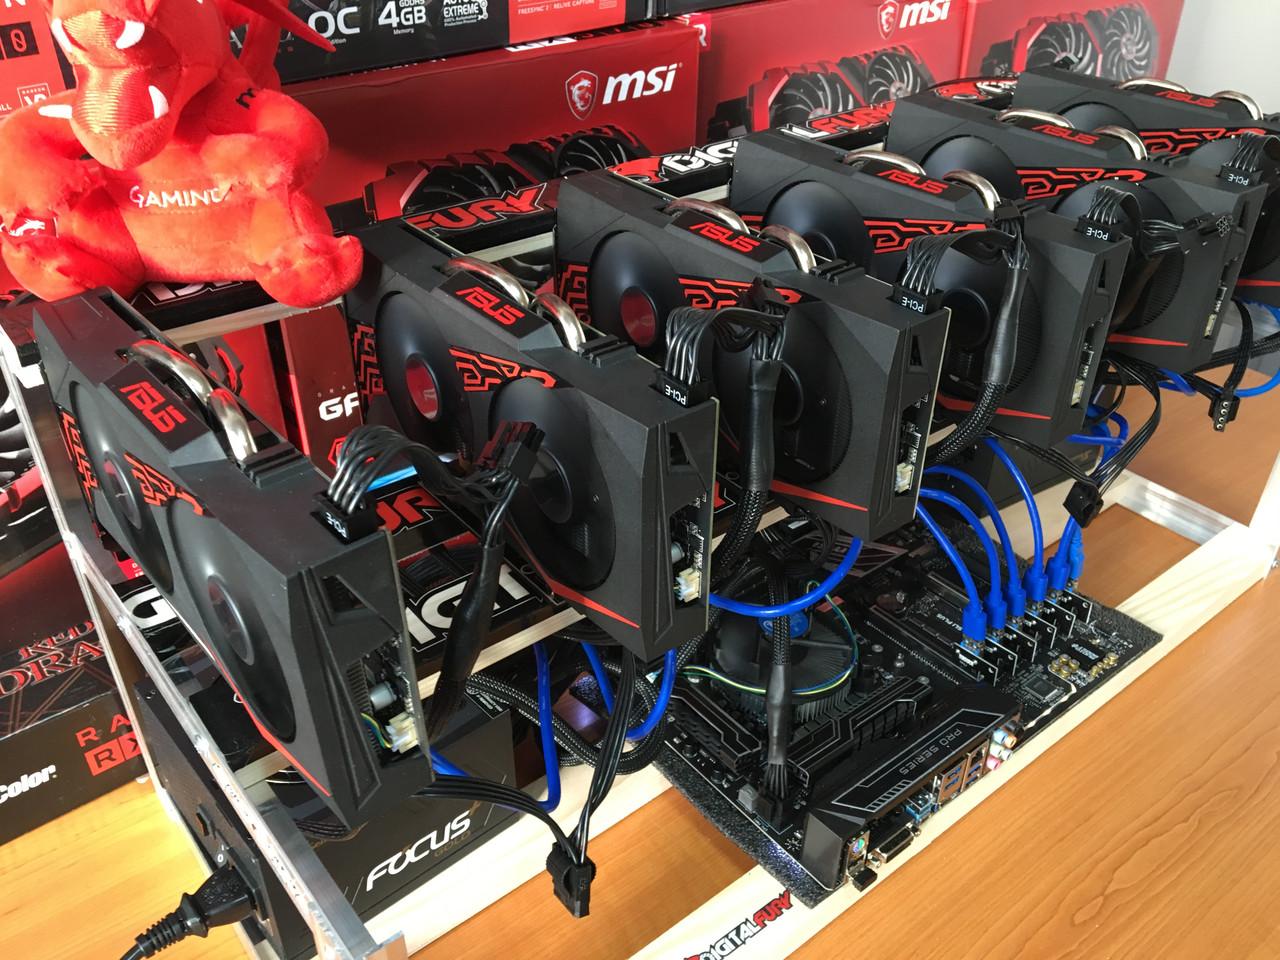 Майнинг ферма Pegasus XL 6xRX570 4GB - Системные блоки – интернет-магазин Регард: цены, отзывы, купить Системные блоки в Киеве и Украине в Киеве